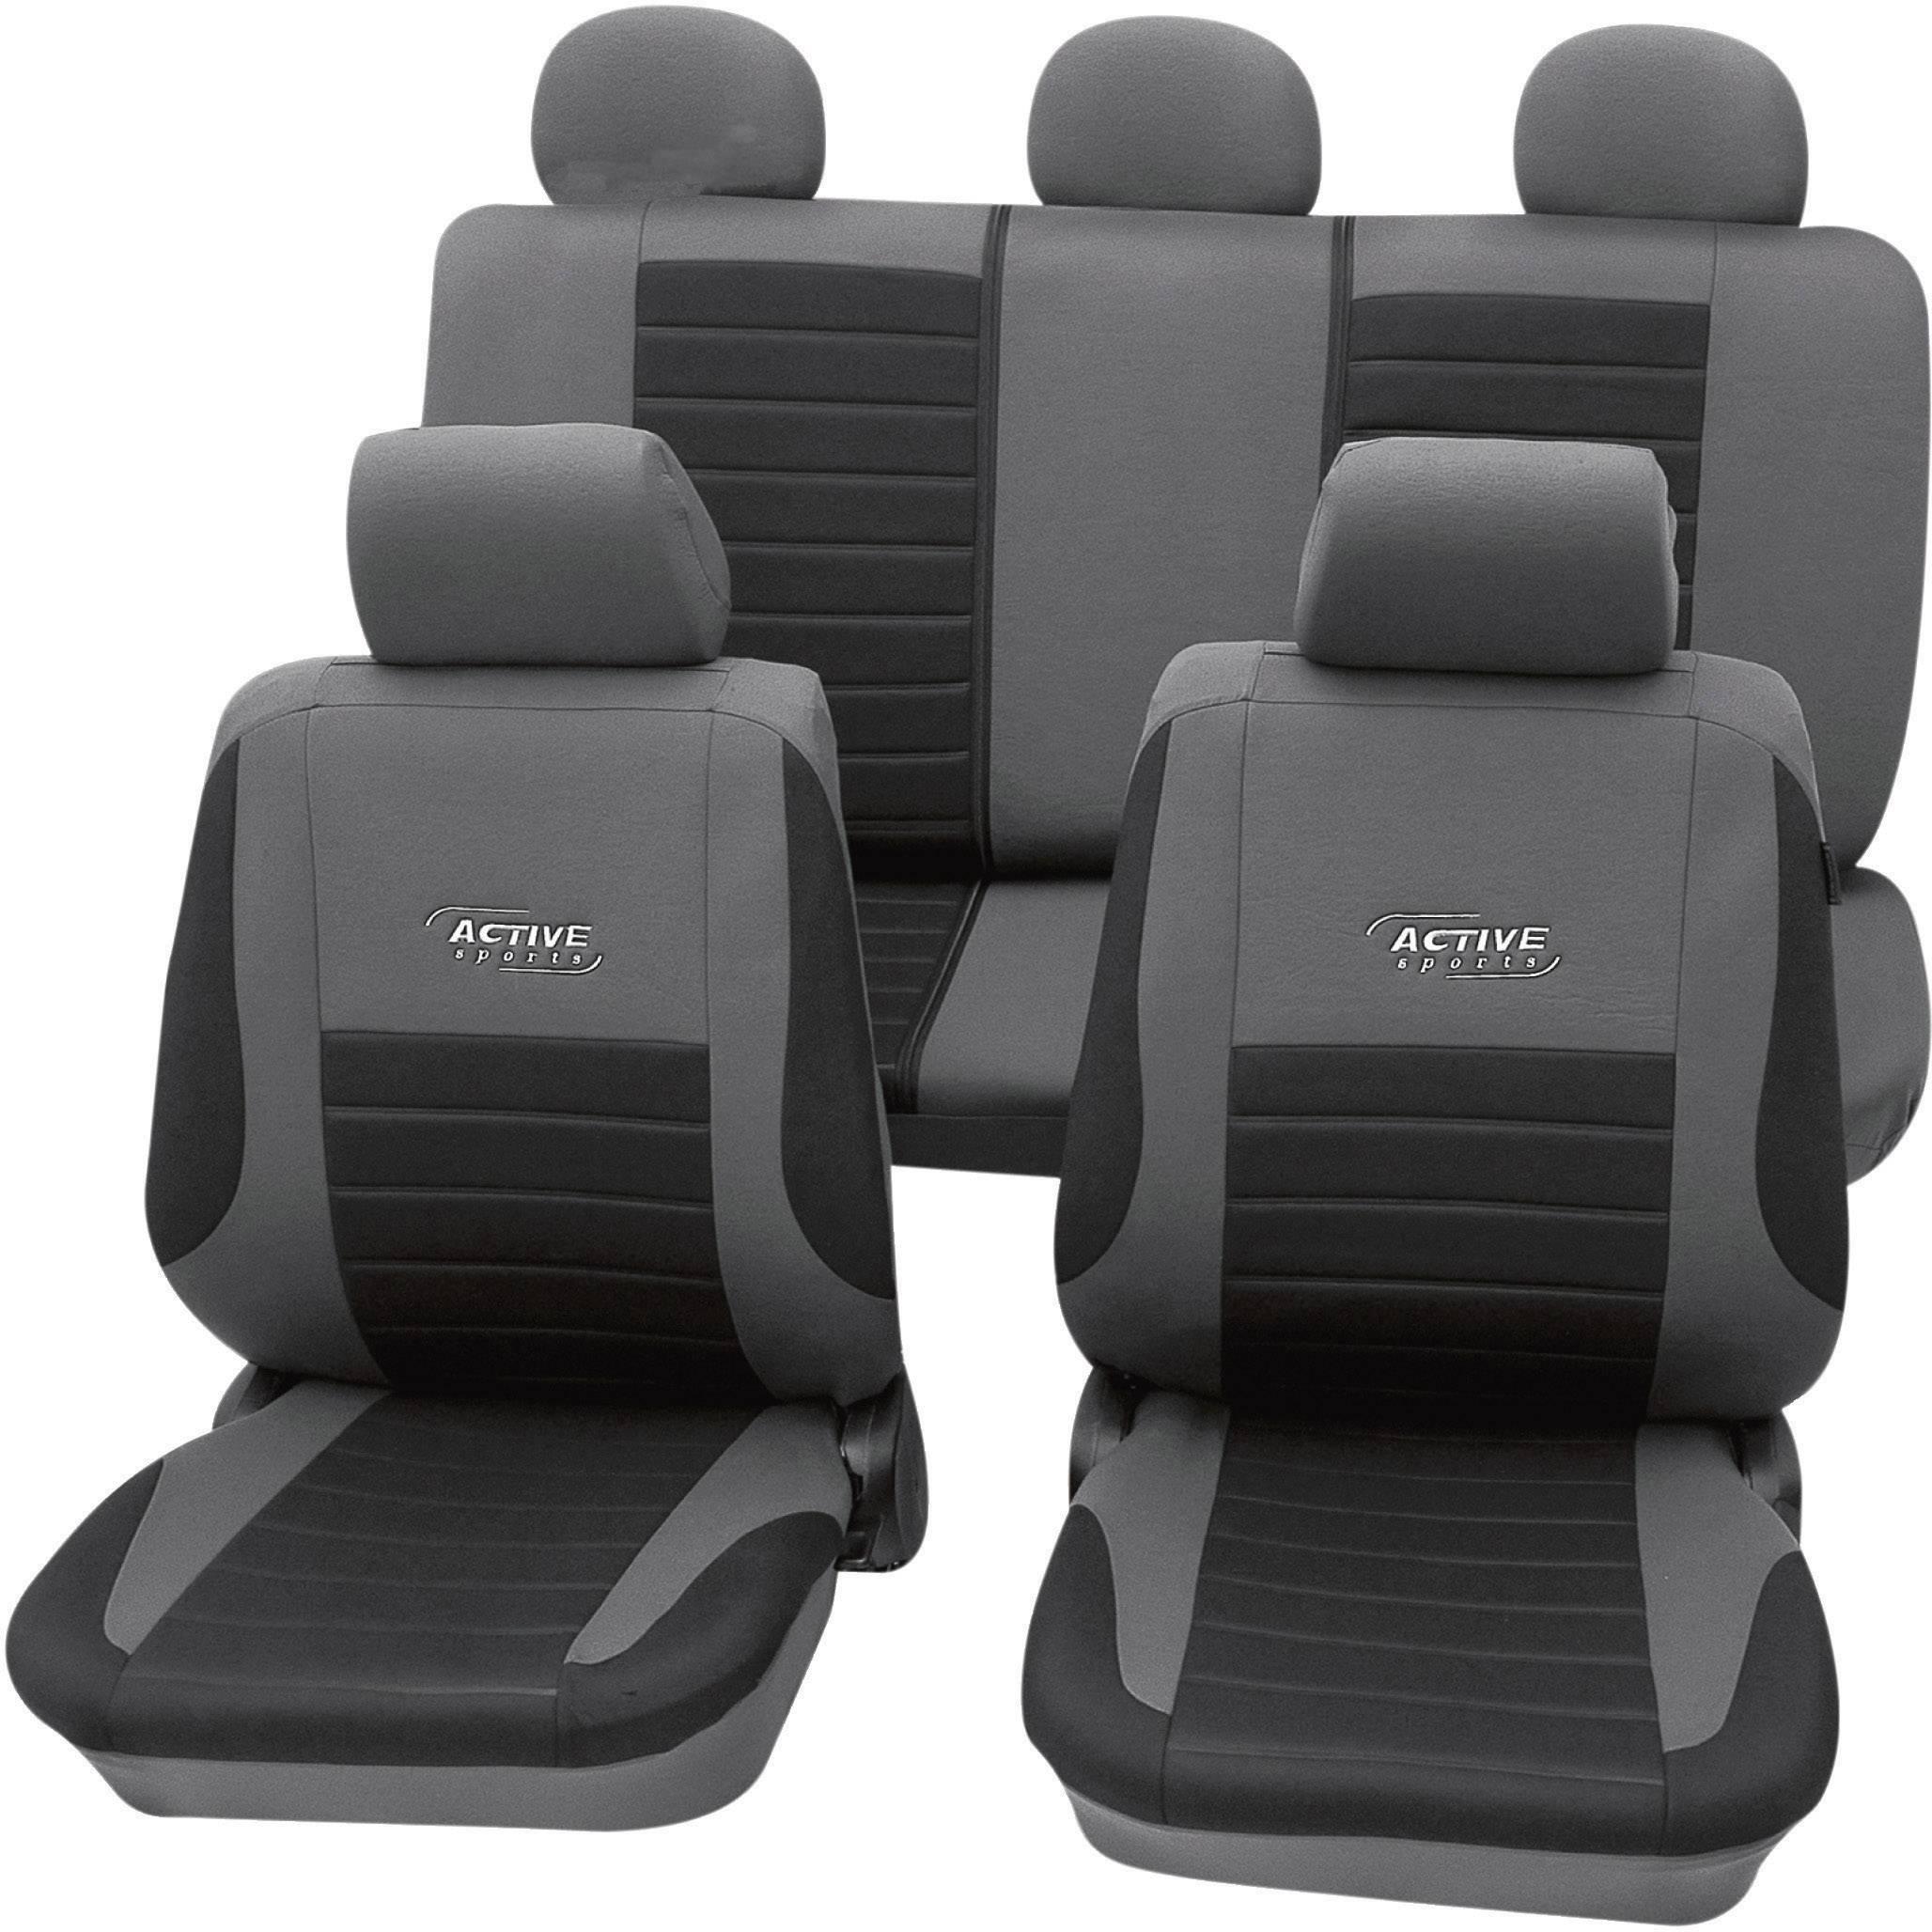 Autopoťahy cartrend Active 60122, 11-dielna, polyester, strieborná